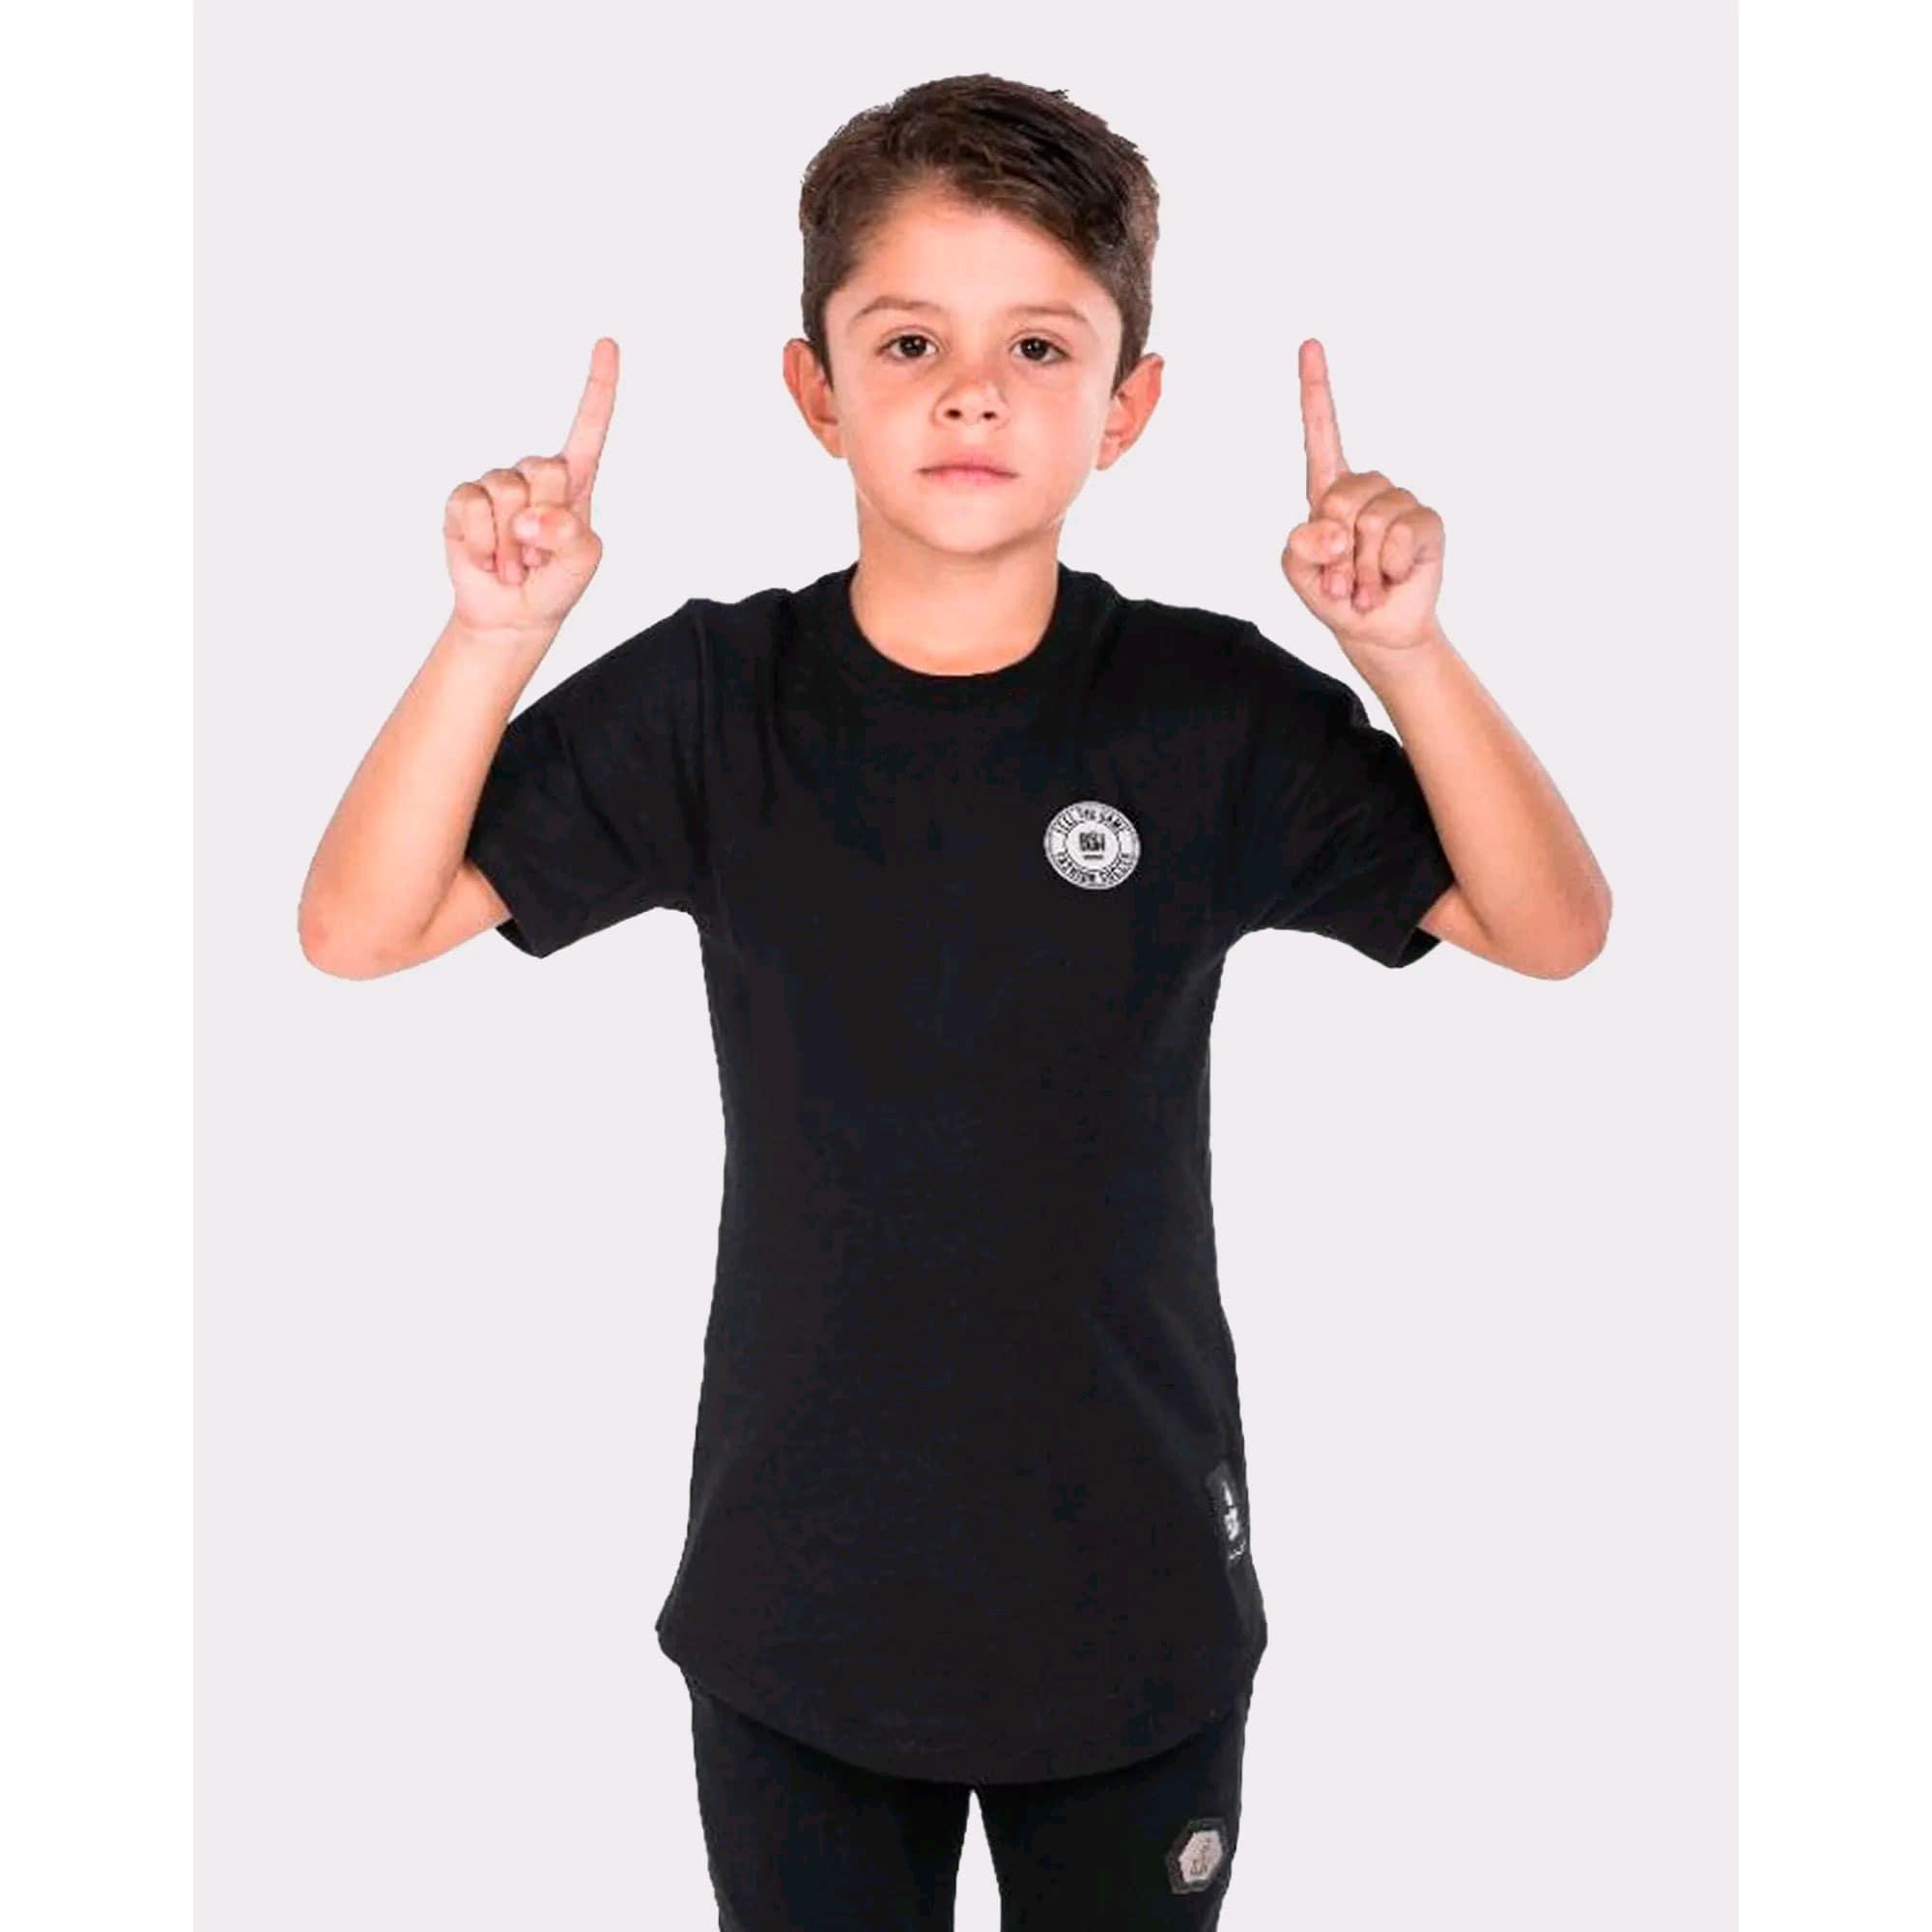 Camiseta Buh Kids Basic Rubber Black